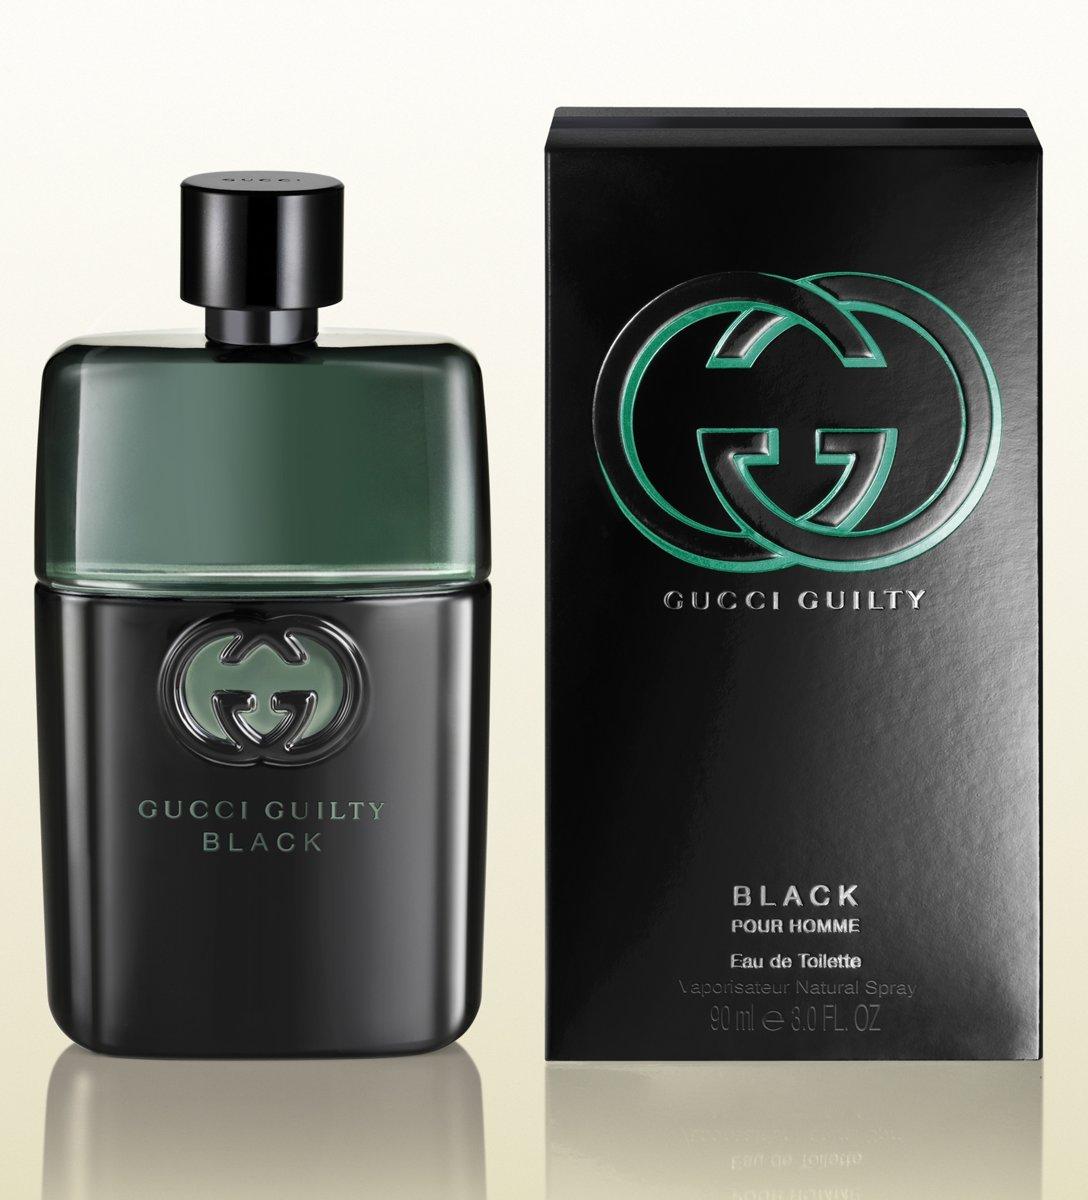 bol.com   Gucci Guilty Black 90 ml - Eau de toilette - for Men 9d87b2b345a